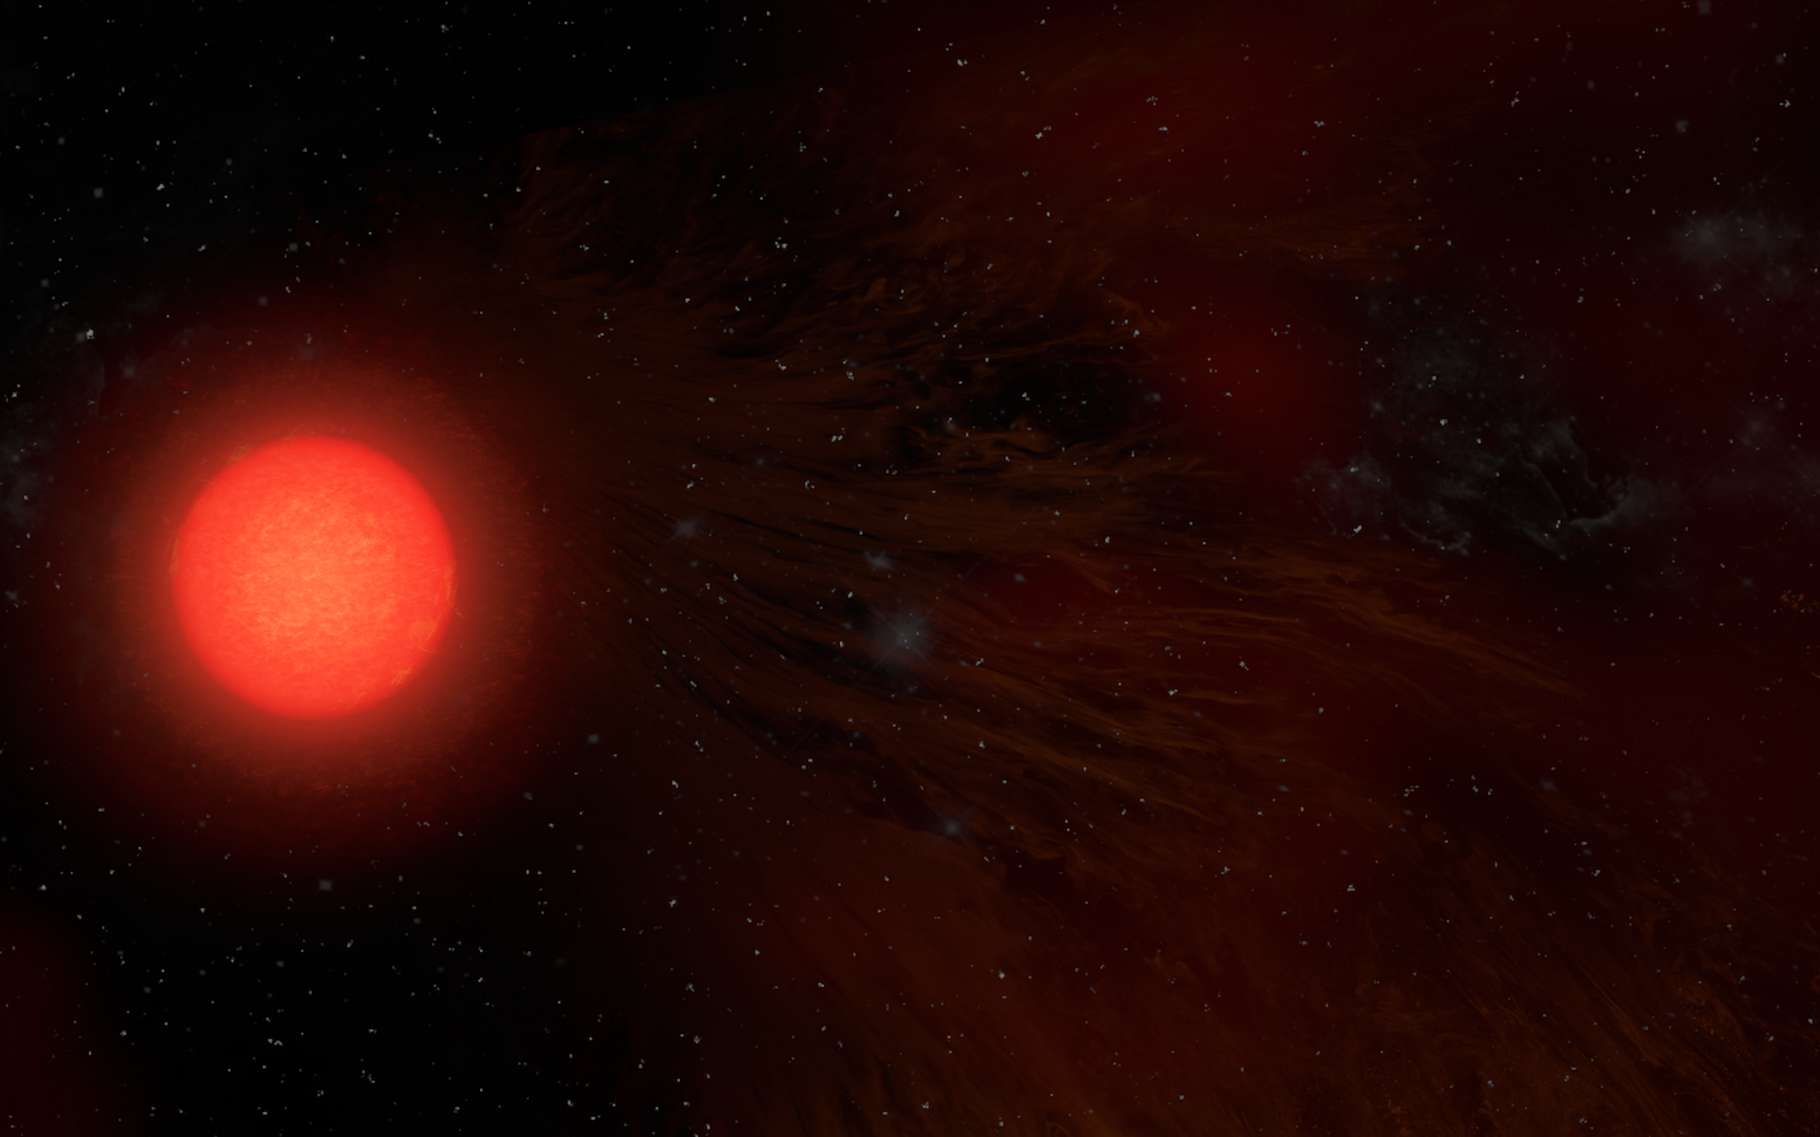 Antarès est la supergéante rouge la plus proche de la Terre. Des astronomes viennent d'en apprendre un peu plus sur sa mystérieuse atmosphère. © S. Dagnello, NRAO, AUI/NSF